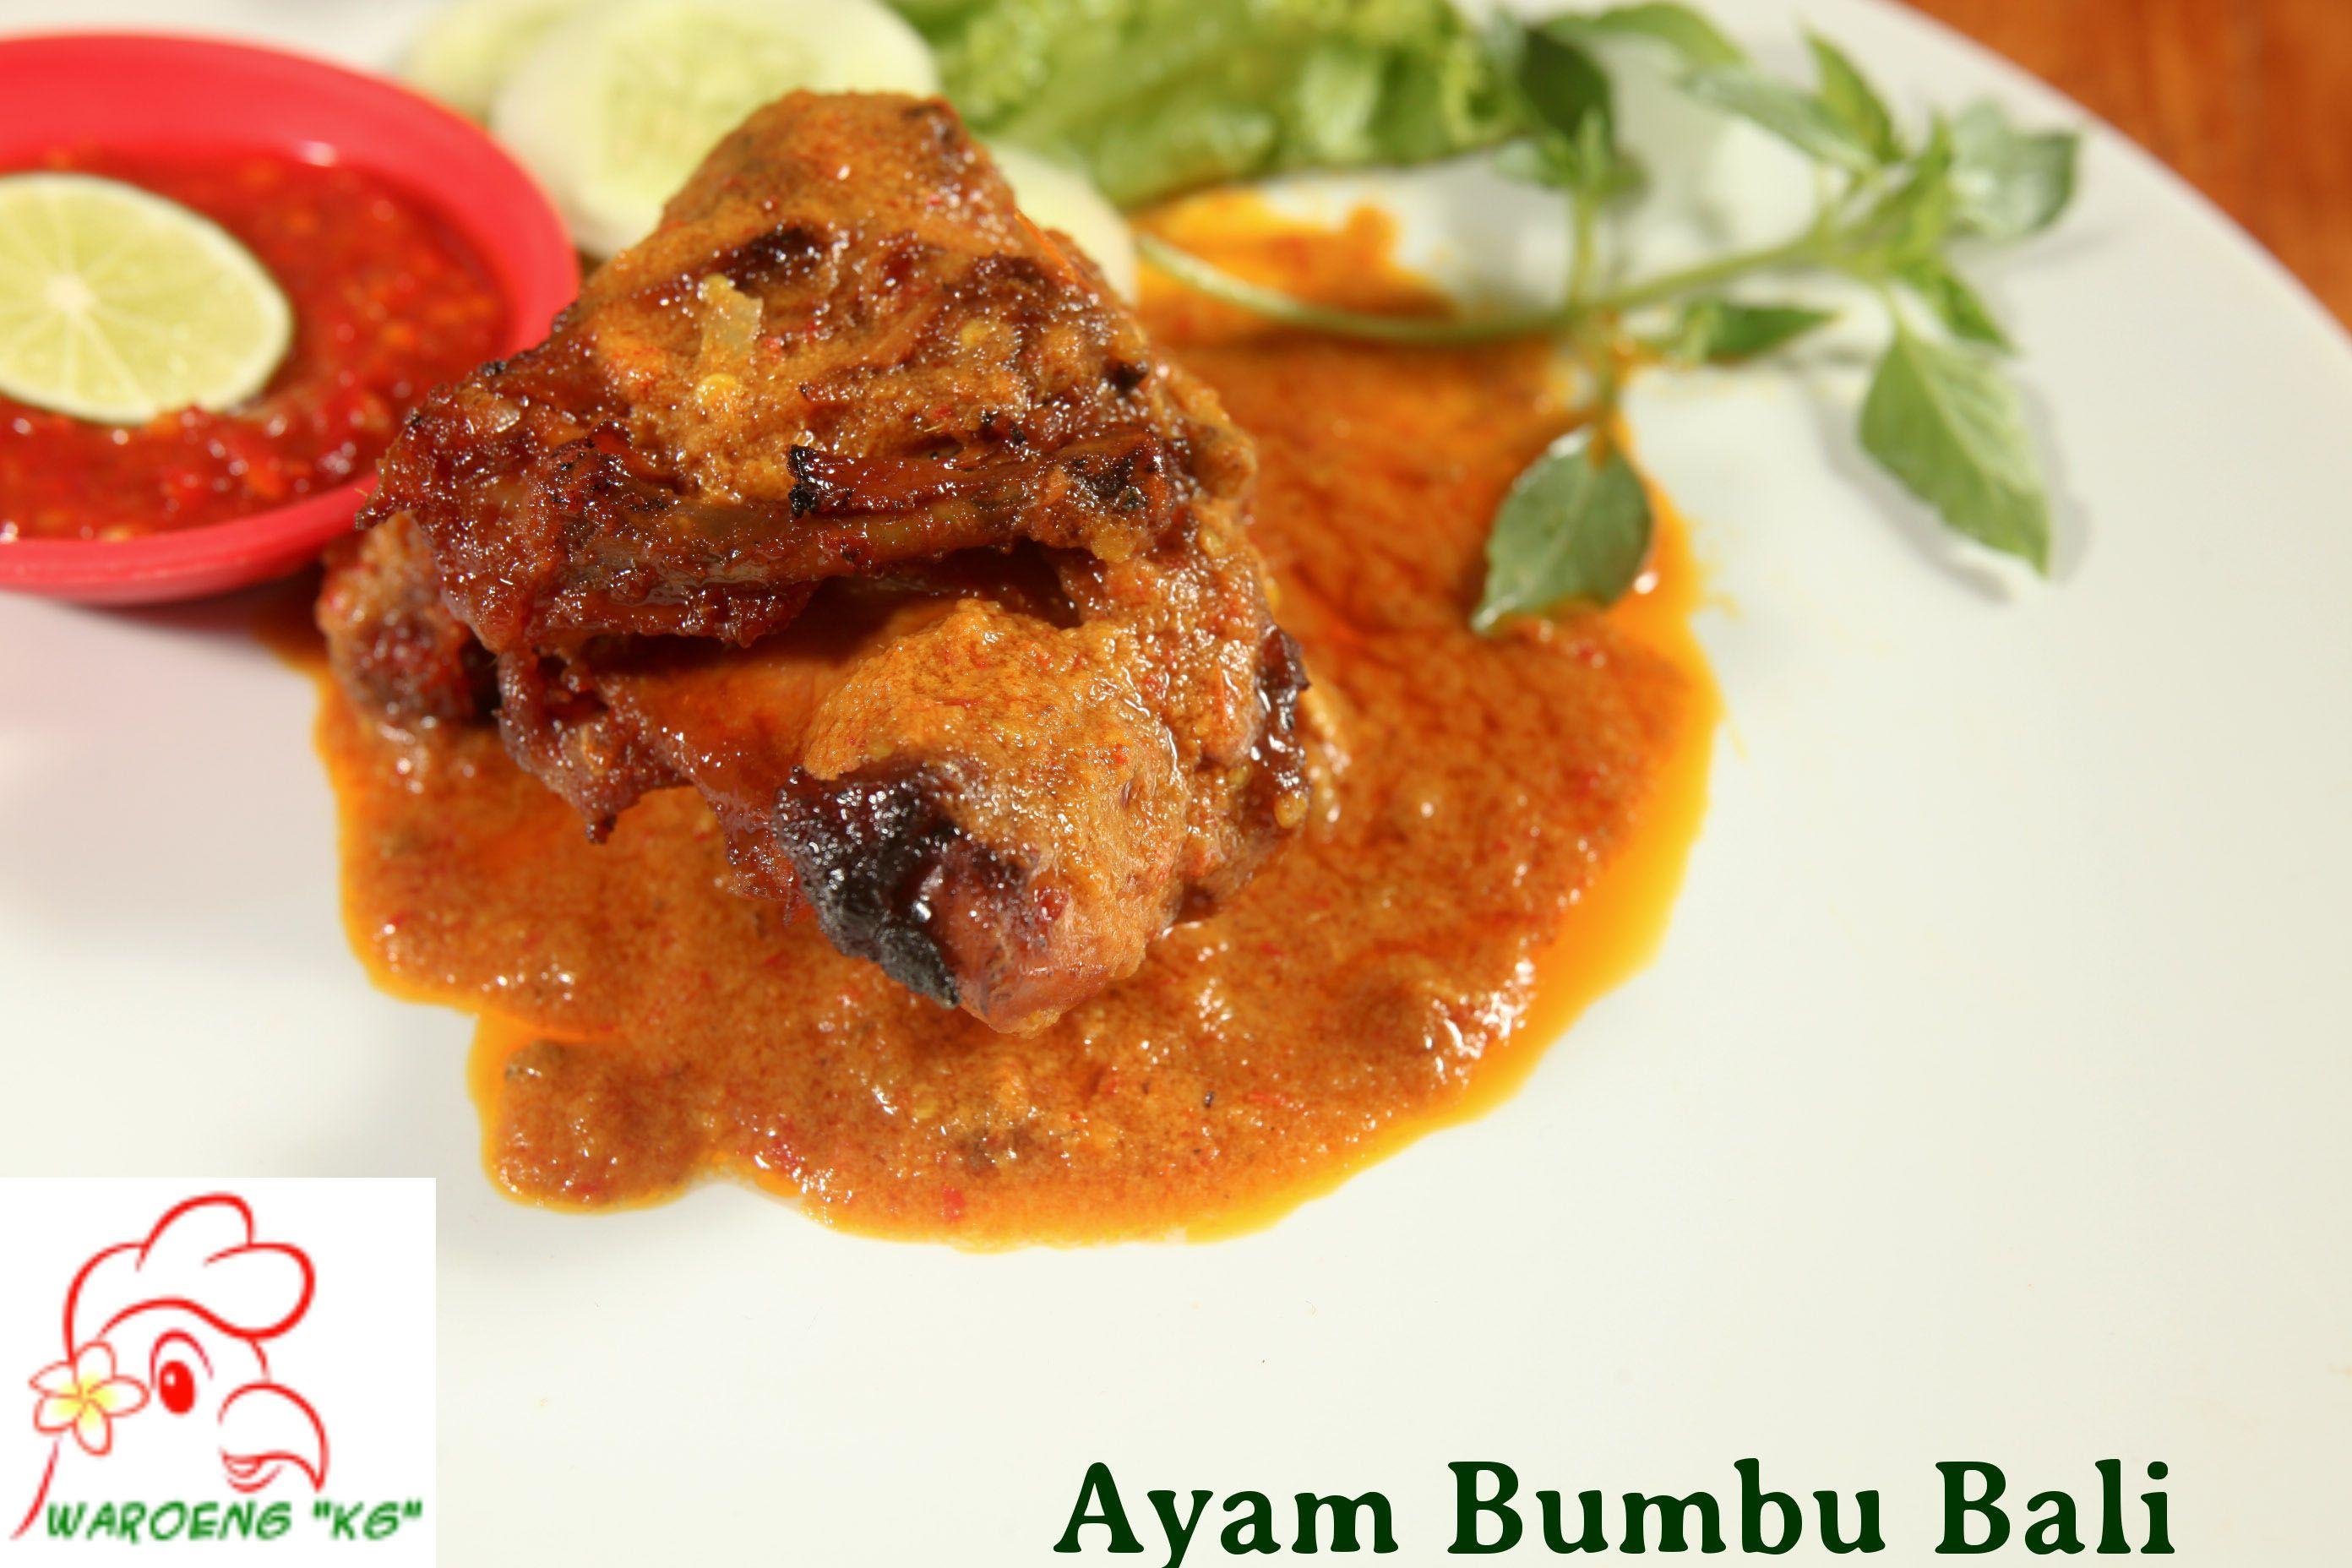 Menu Masakan Ayam Bumbu Bali Yuk Di Order Makan Ayam Bali Ga Usah Pergi Jauh Ke Bali Di Waroeng Kg Menyediakan Menu Ayam Bali Masakan